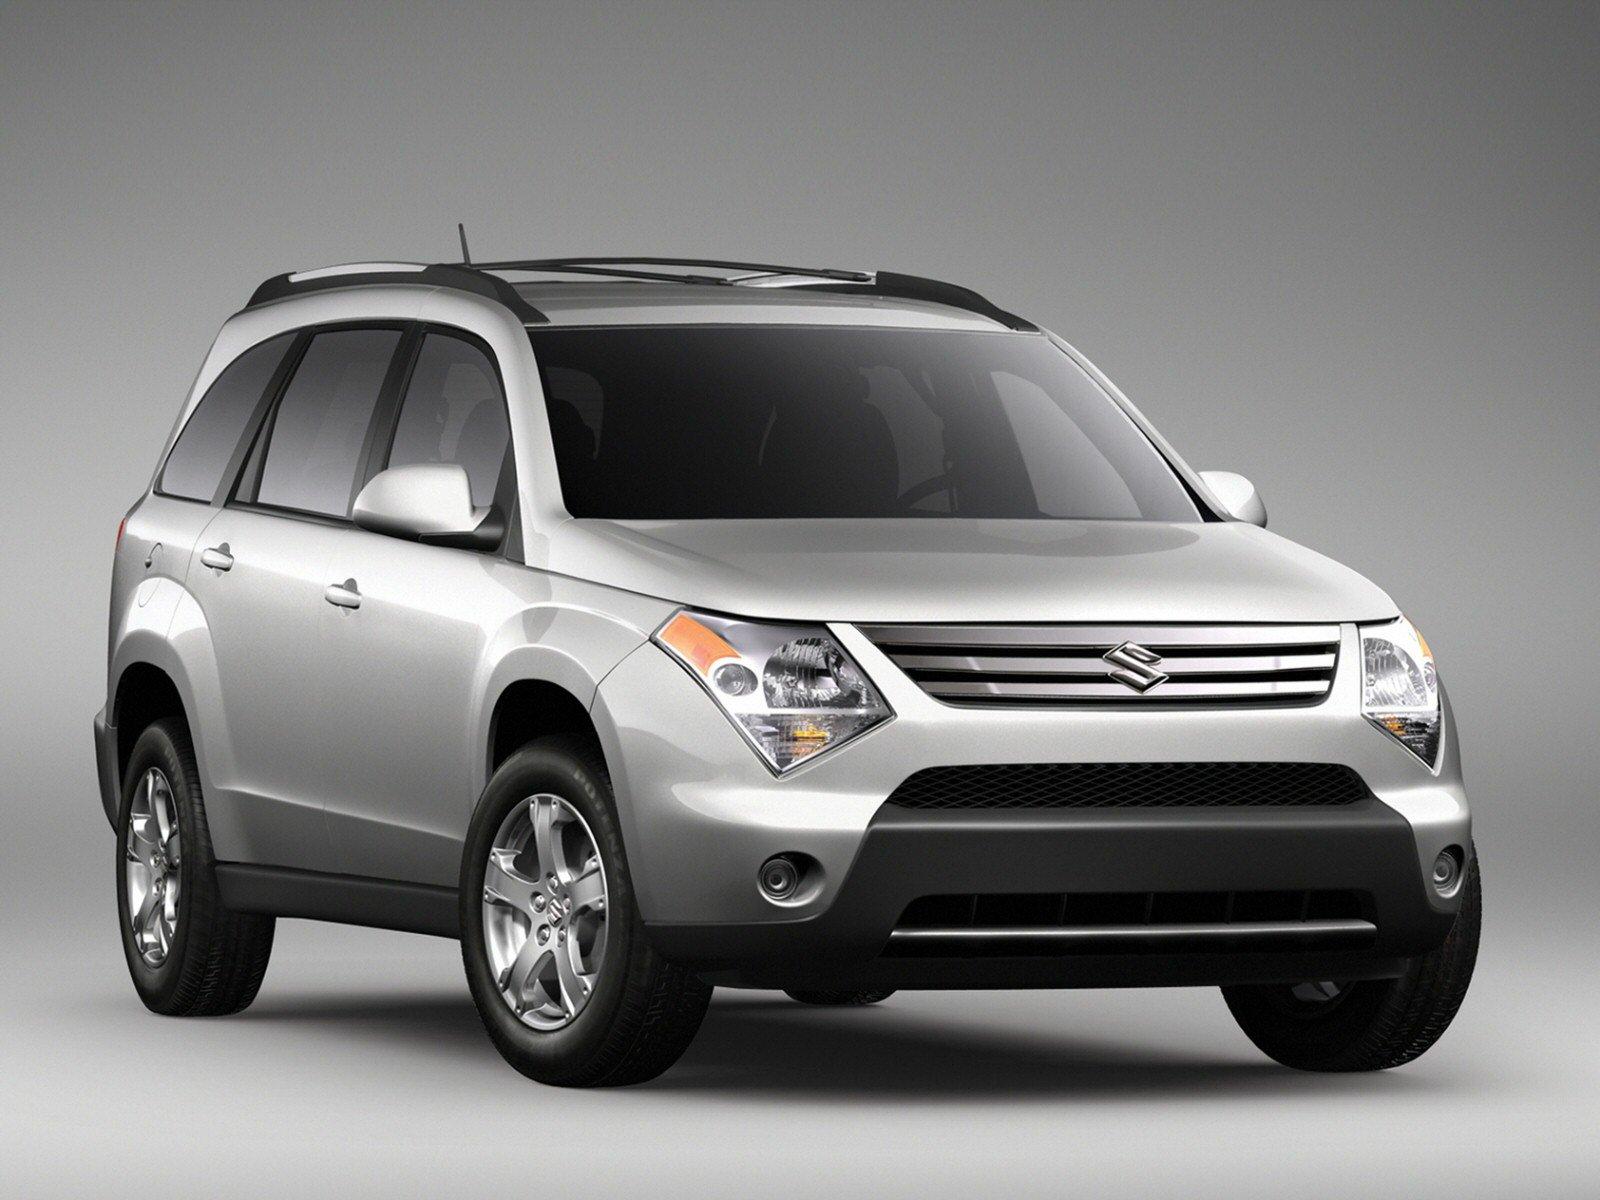 Скачать Suzuki, Grand Vitara 3d, авто, машины, автомобили, фото, обои